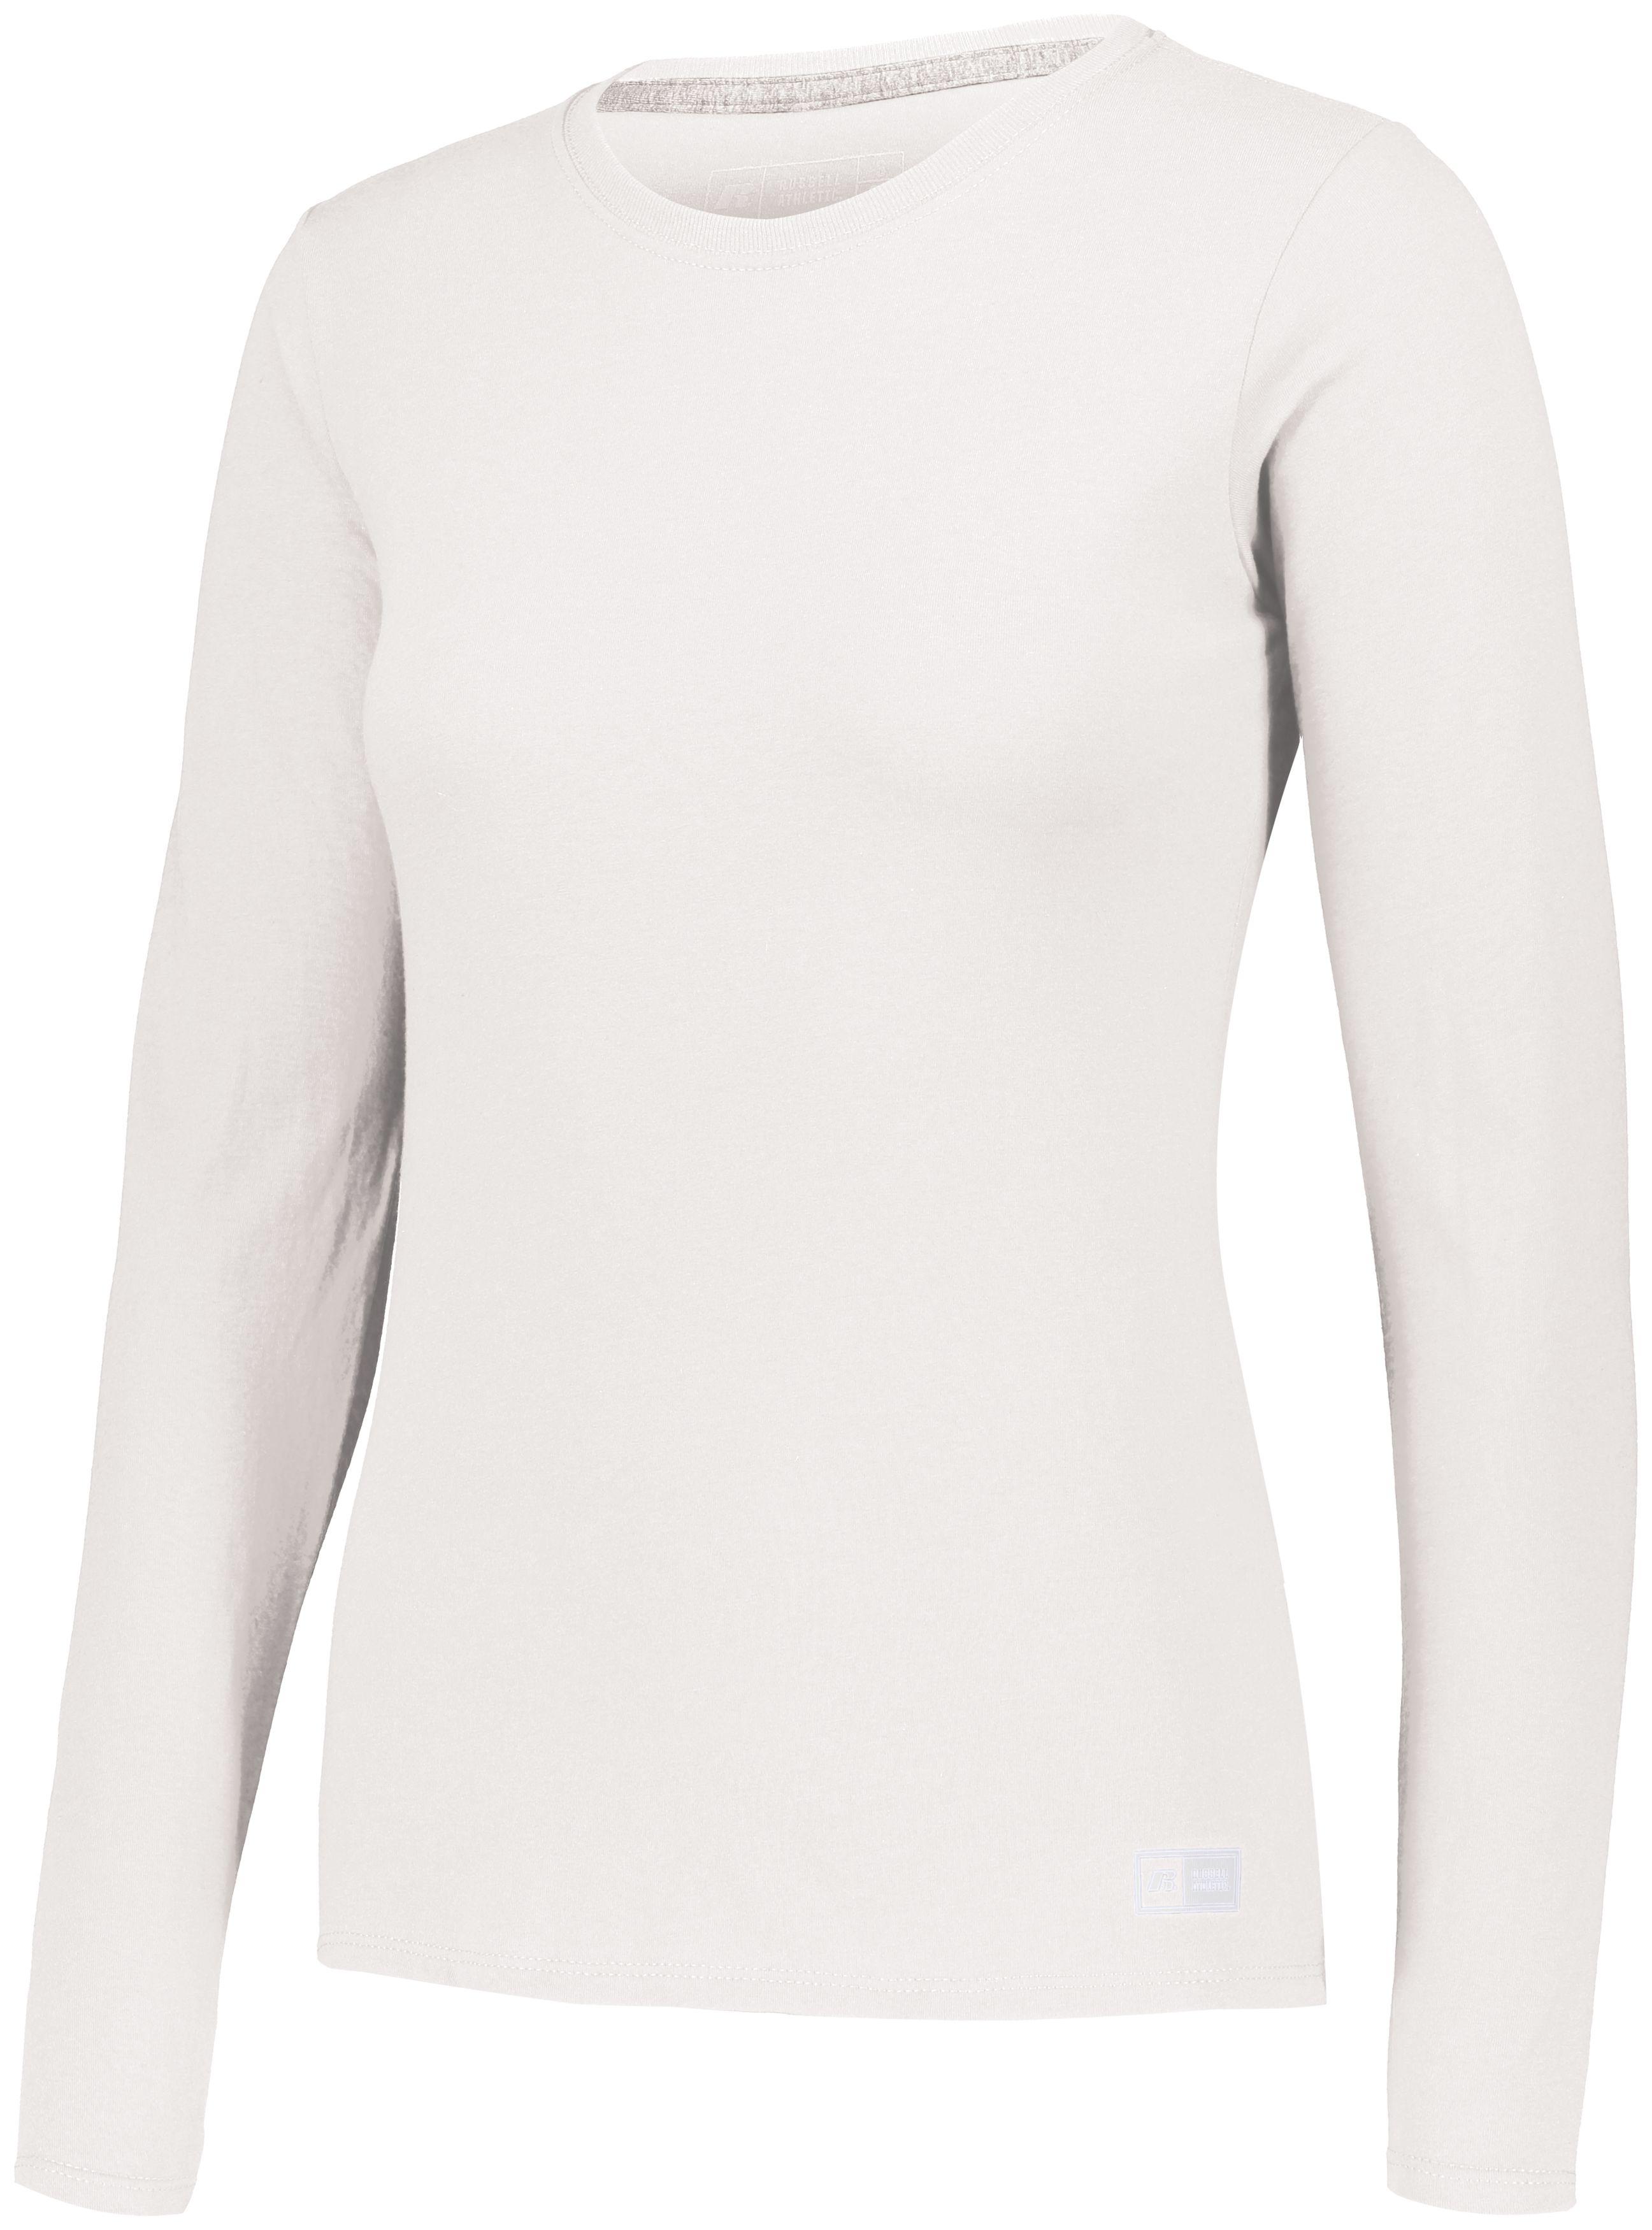 Ladies Essential Long Sleeve Tee - White